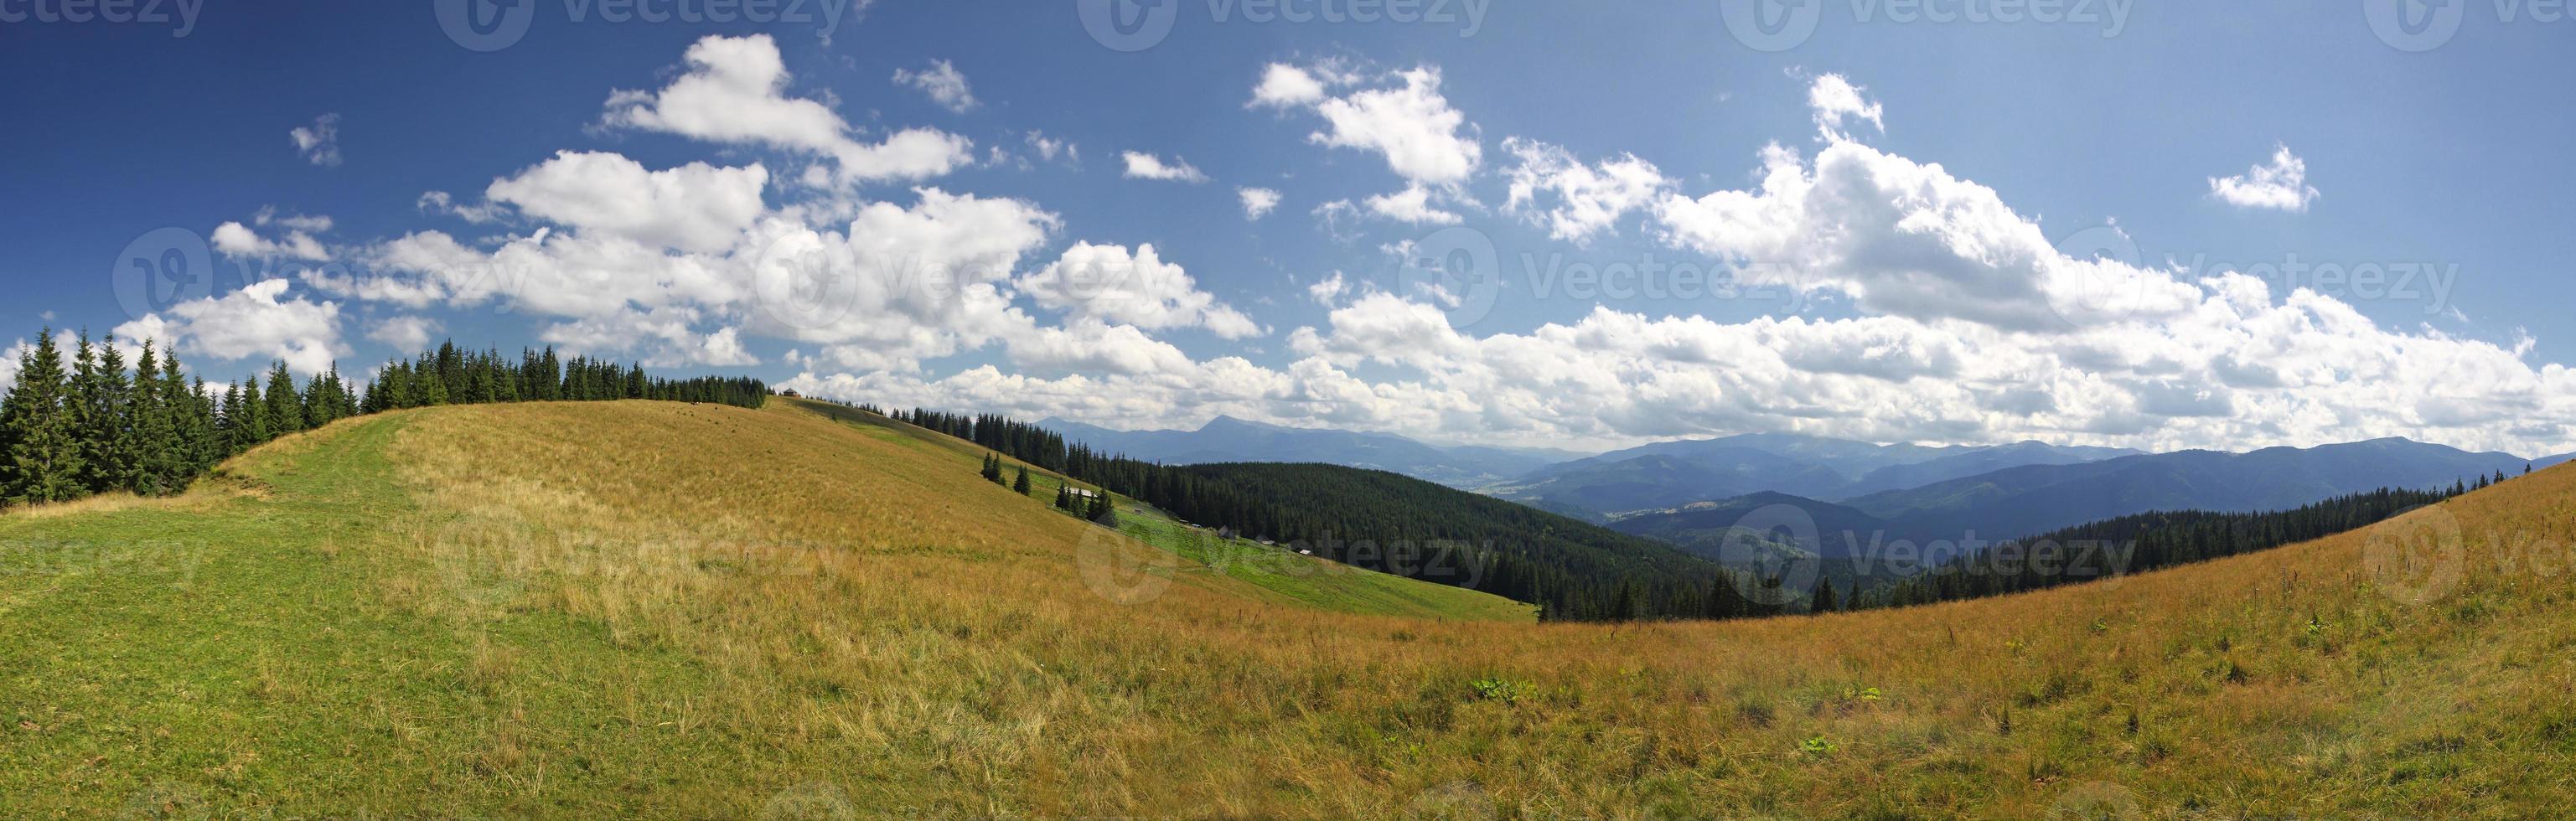 vista panoramica delle montagne carpatiche, ucraina foto